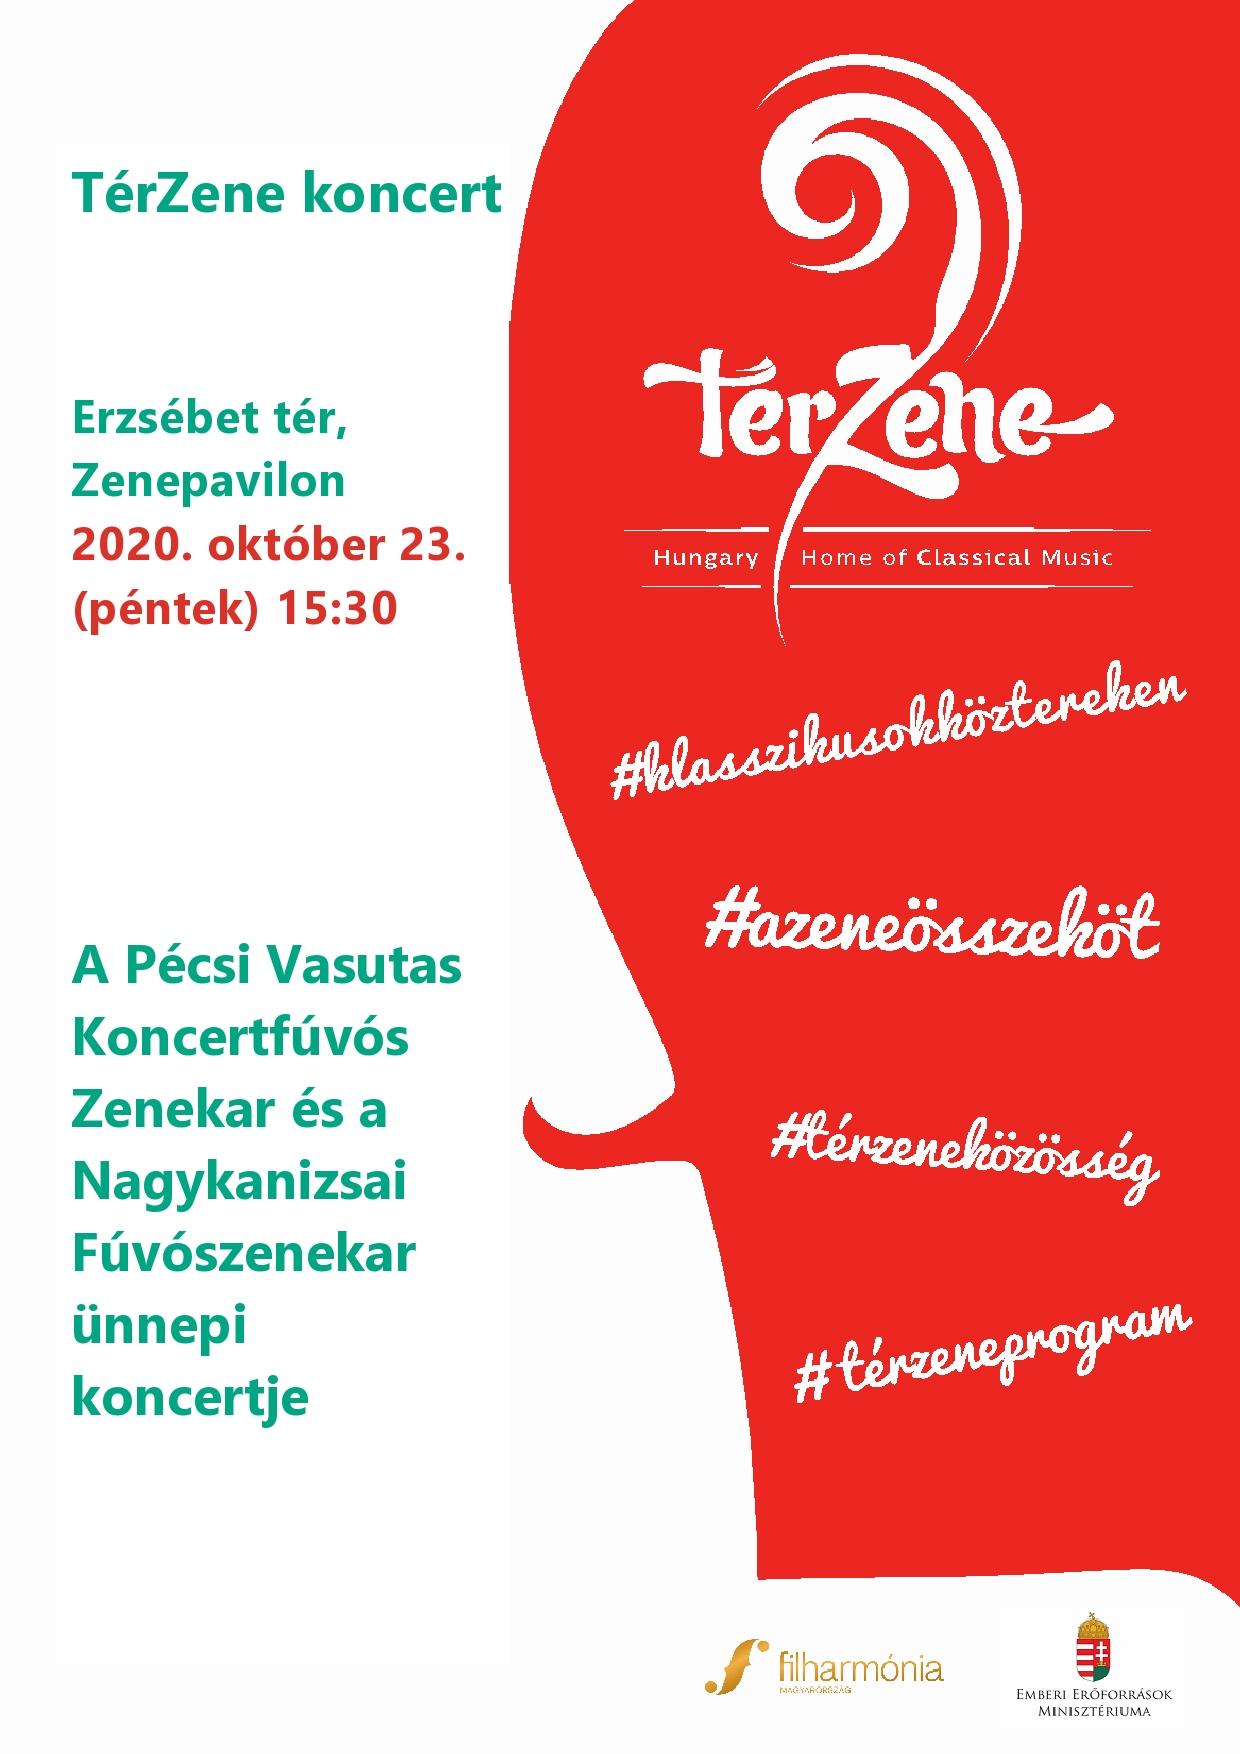 268_449_1023_terzene-plakat.jpg (1240×1754)